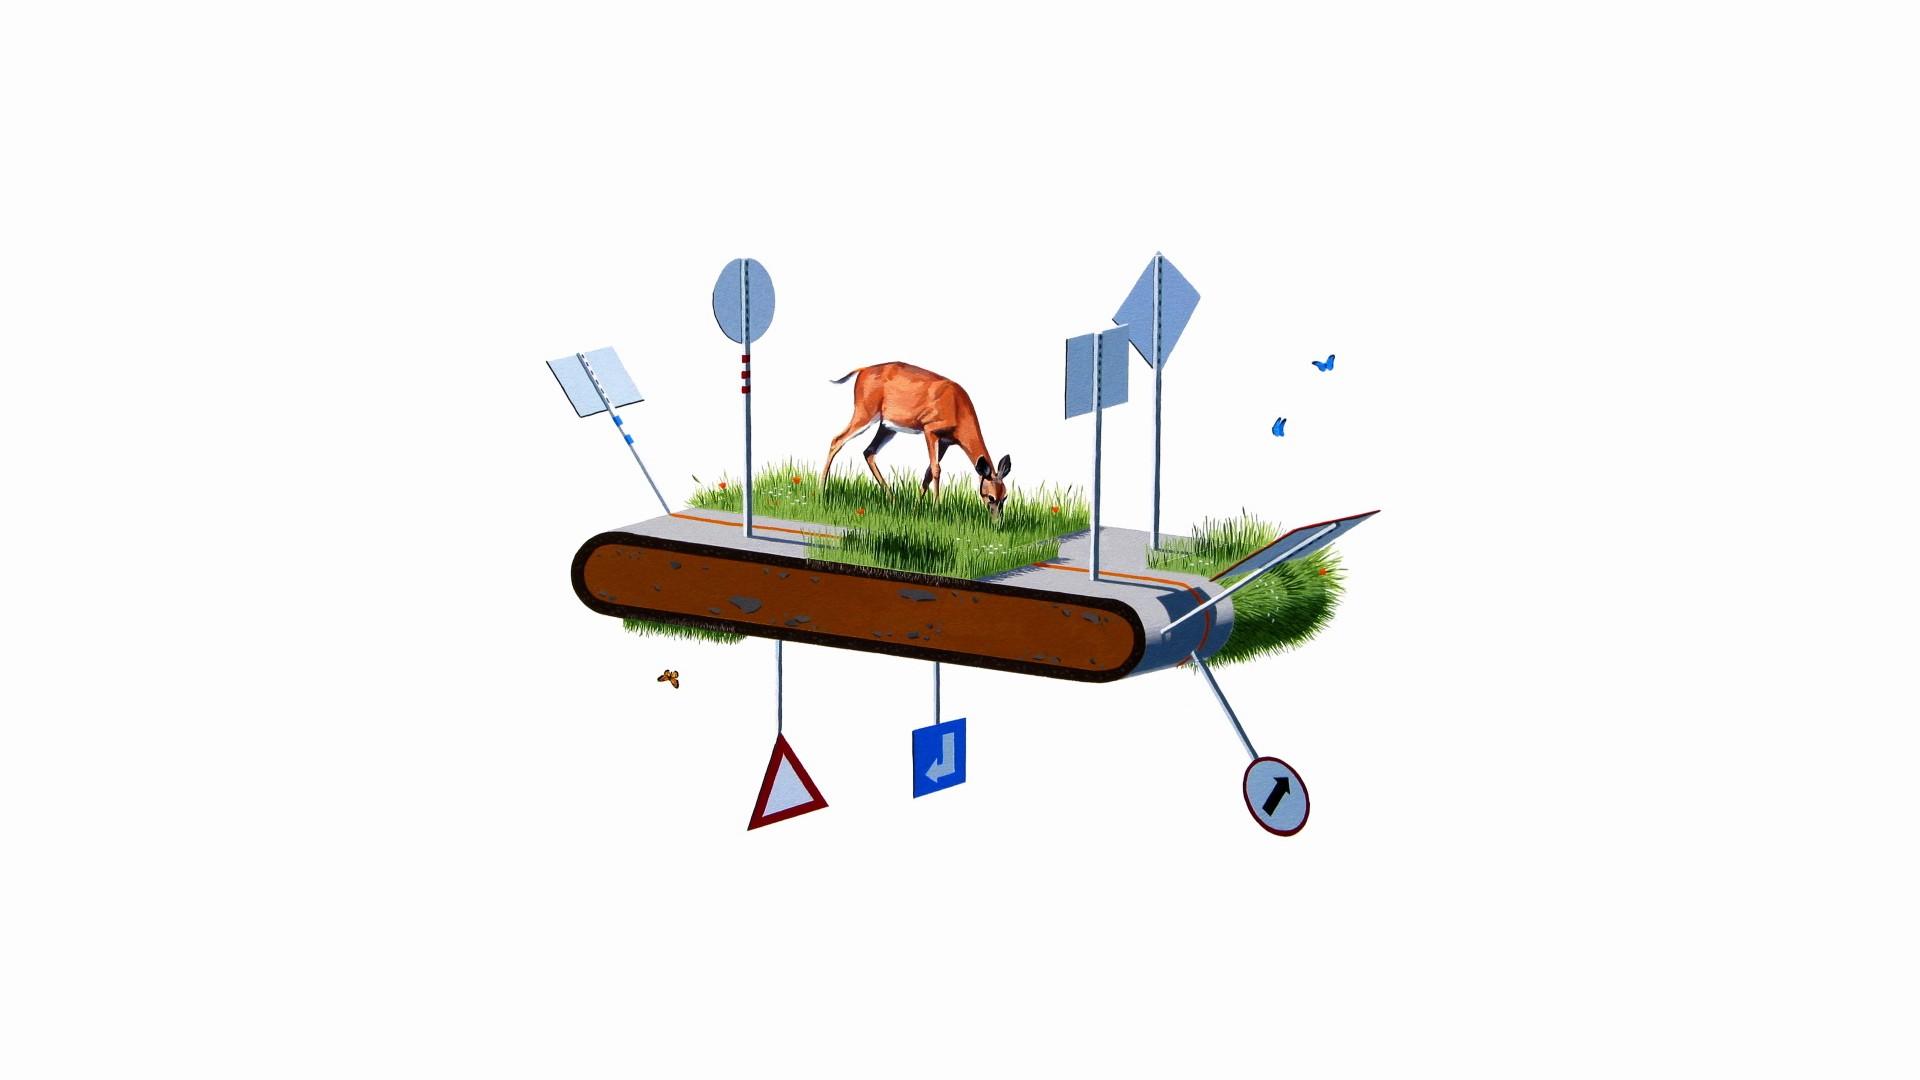 Fondos De Pantalla Ilustraci N Ciervo Arte Digital Animales  # Muebles Dibujos Animados